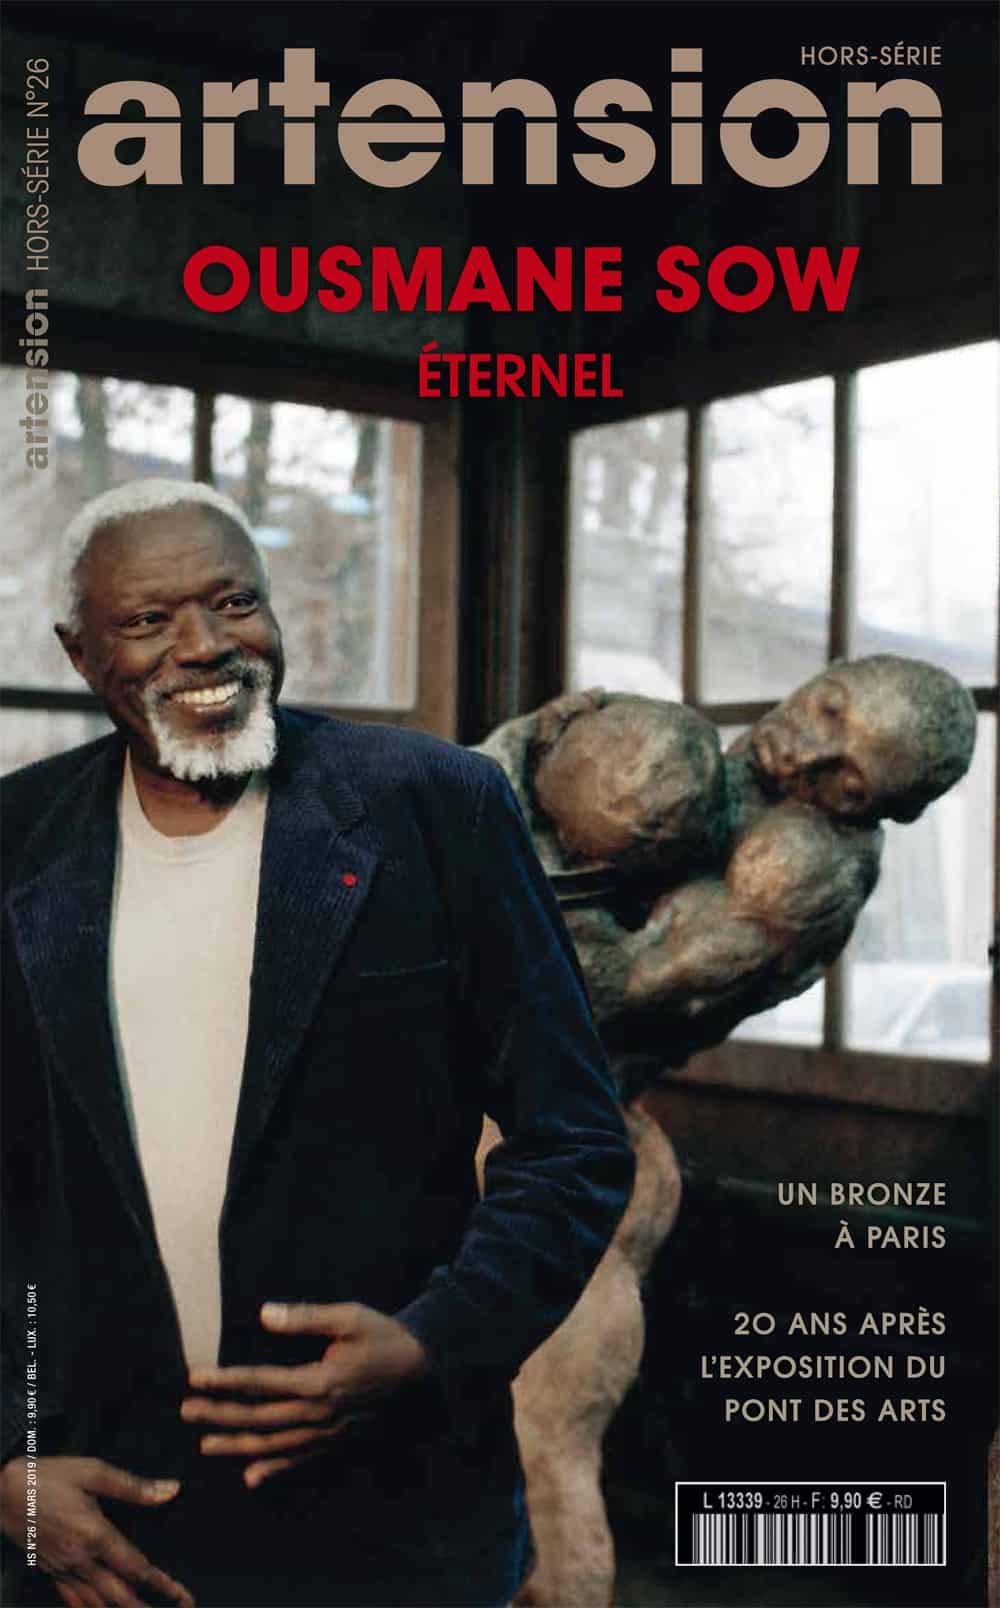 Artension hors-série n°26 – Ousmane Sow